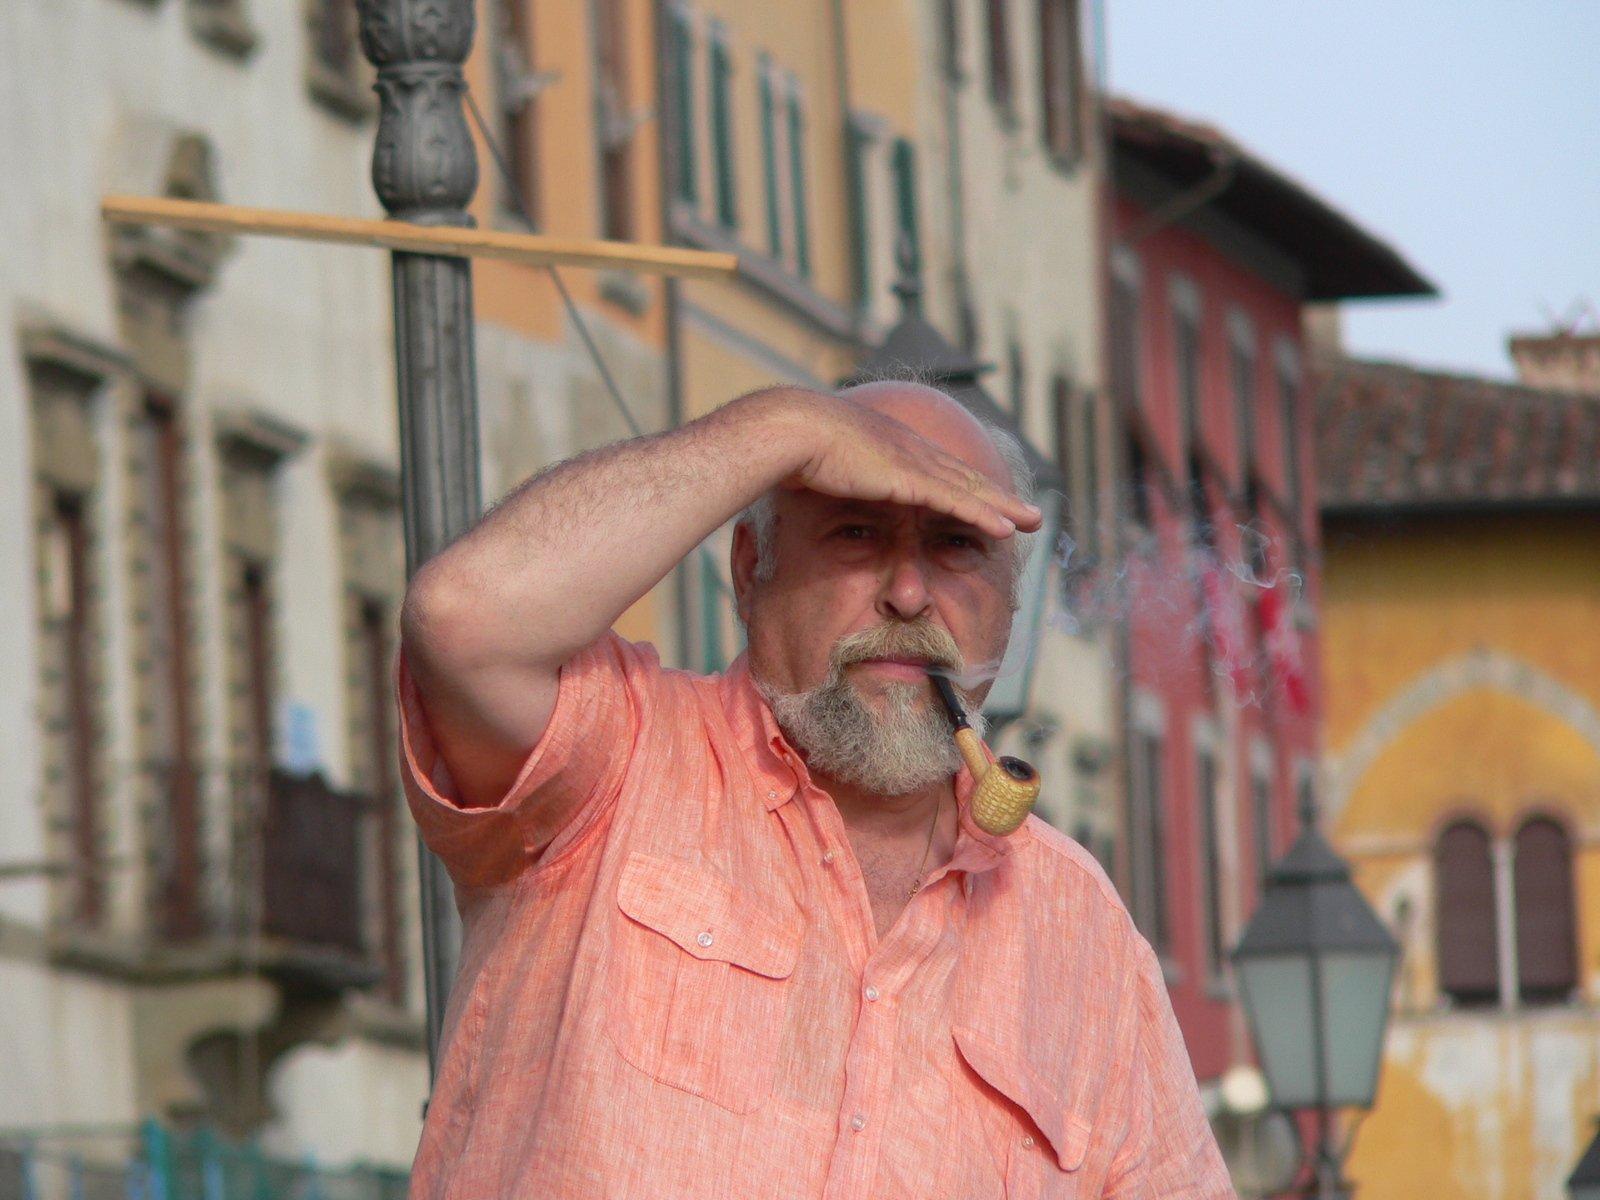 Starší muž s dýmkou, ze které vychází kouř, hledí do dálky. V pozadí jsou barevné staré domy